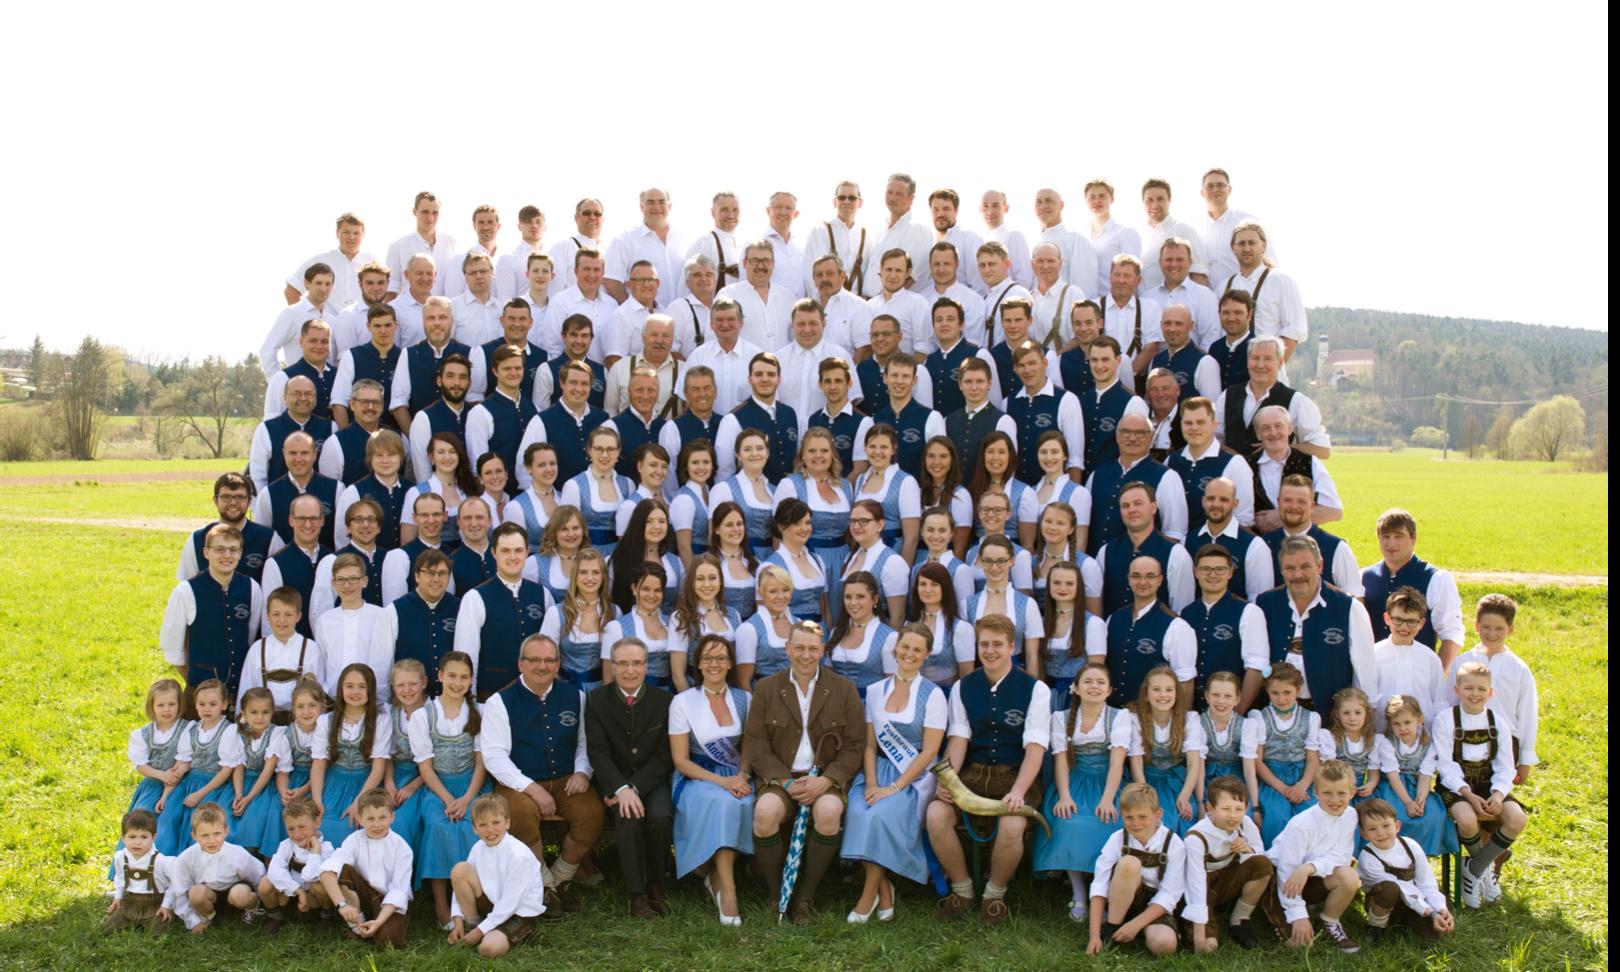 Burschenverein Mitterdorf